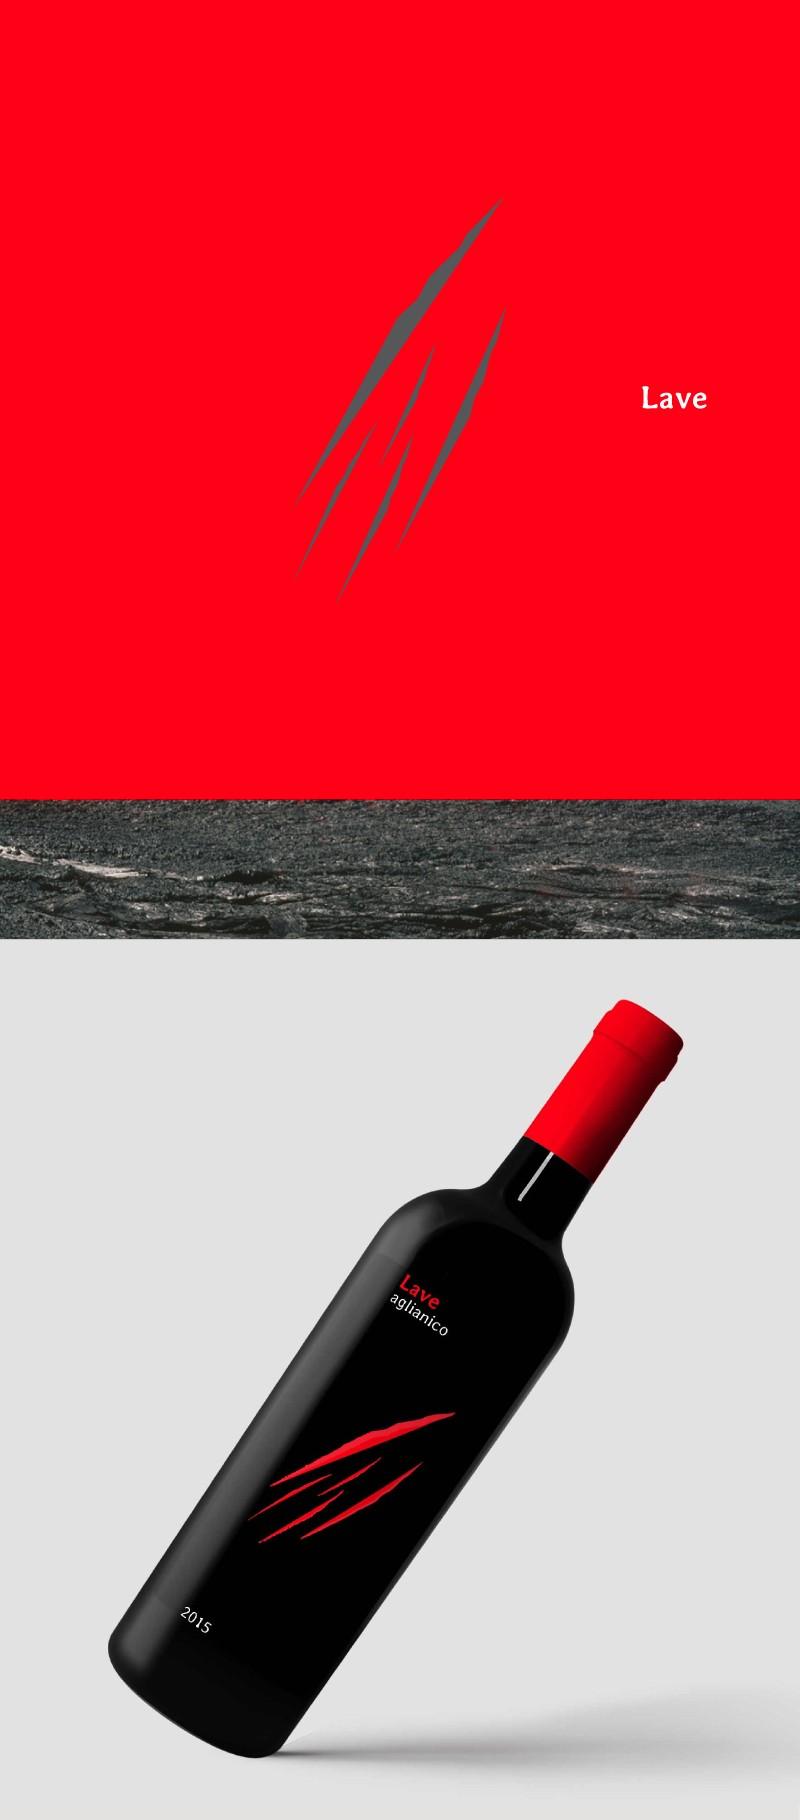 Lave - Vino Aglianico Grafica